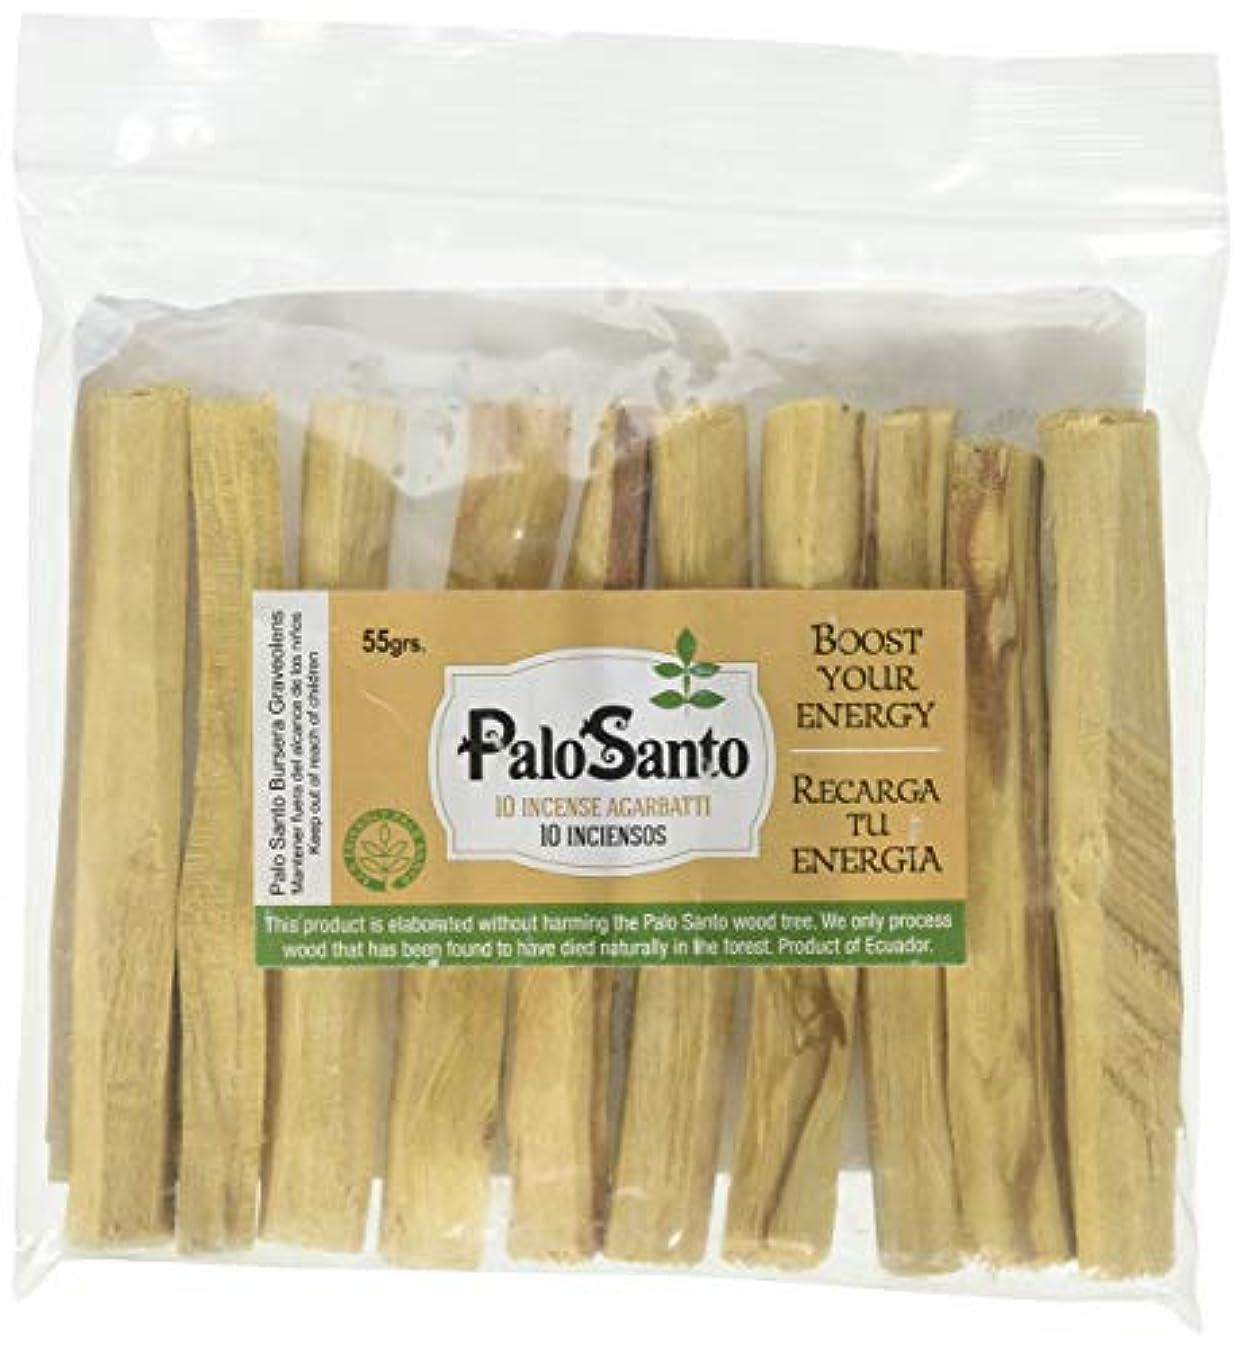 メンター火曜日植物学者プレミアムAuthenticエクアドルkiln-dried Palo Santo ( Holy Wood ) Insence Sticks ( 10 )、野生の収穫、100 %自然のPurifying、クレンジング、ヒーリング...